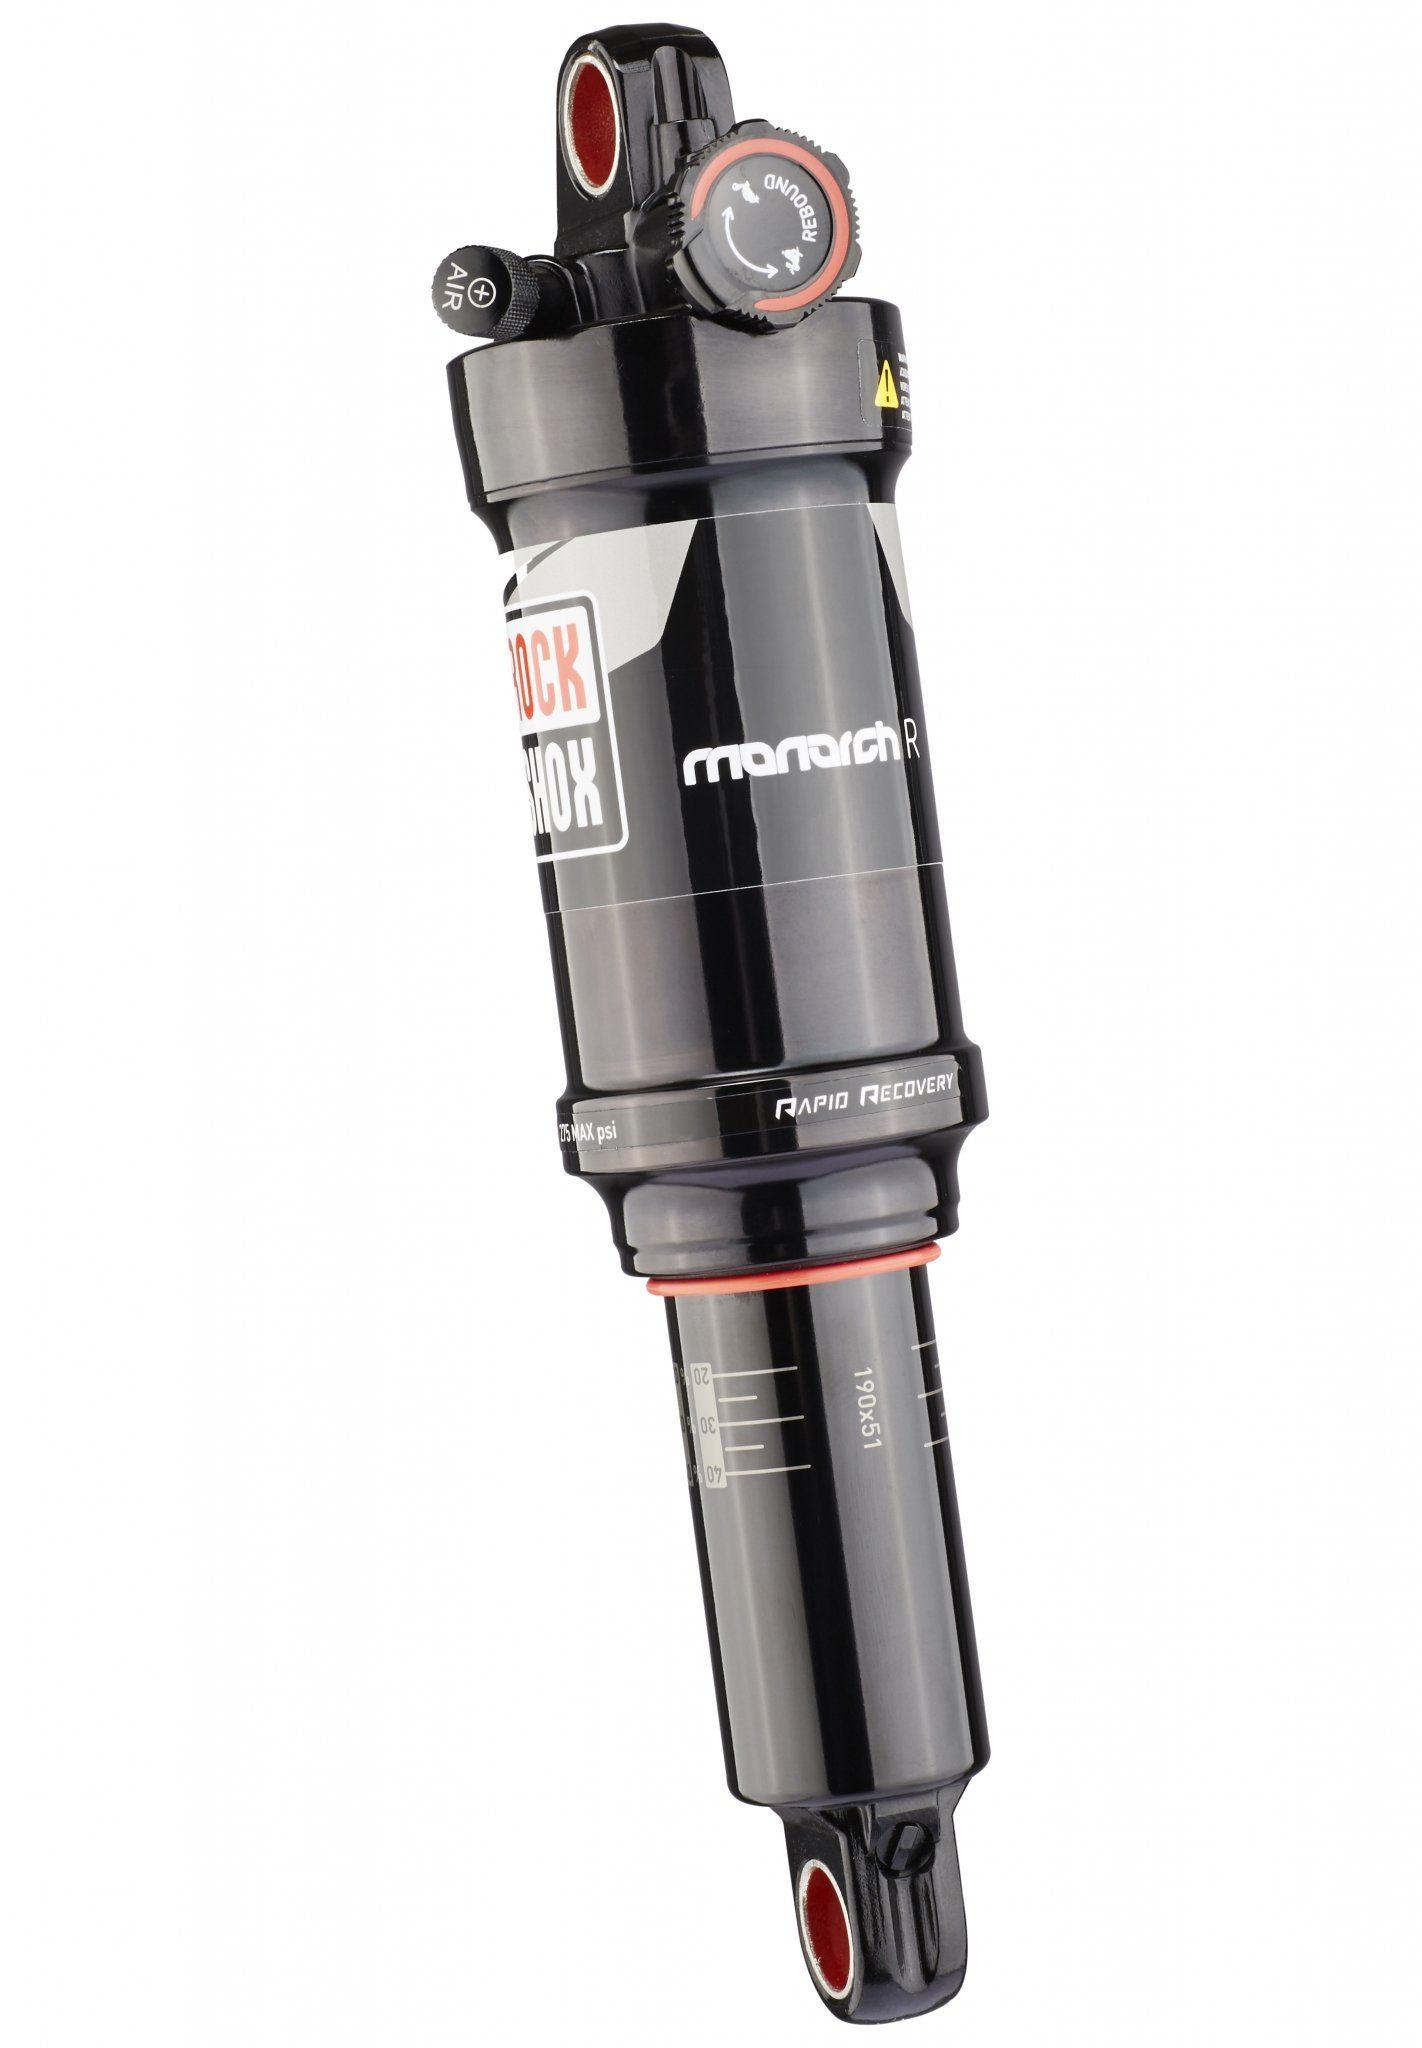 RockShox Fahrrad Dämpfer »Monarch R 190 x 51mm Tune mid/mid«